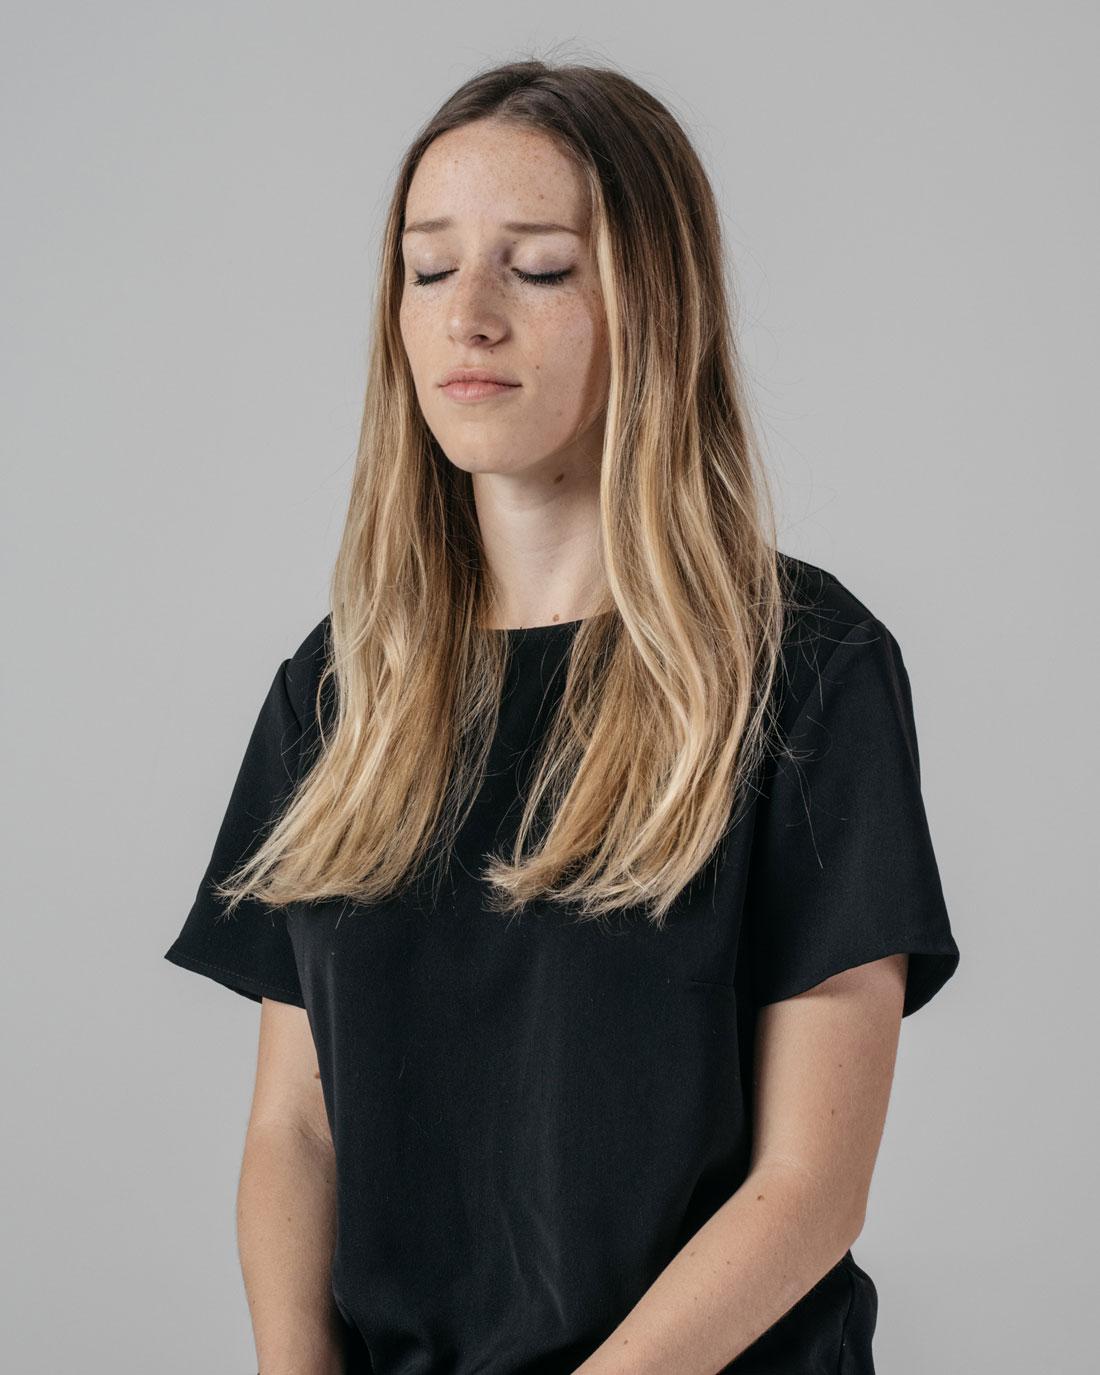 Amelia O'Neill